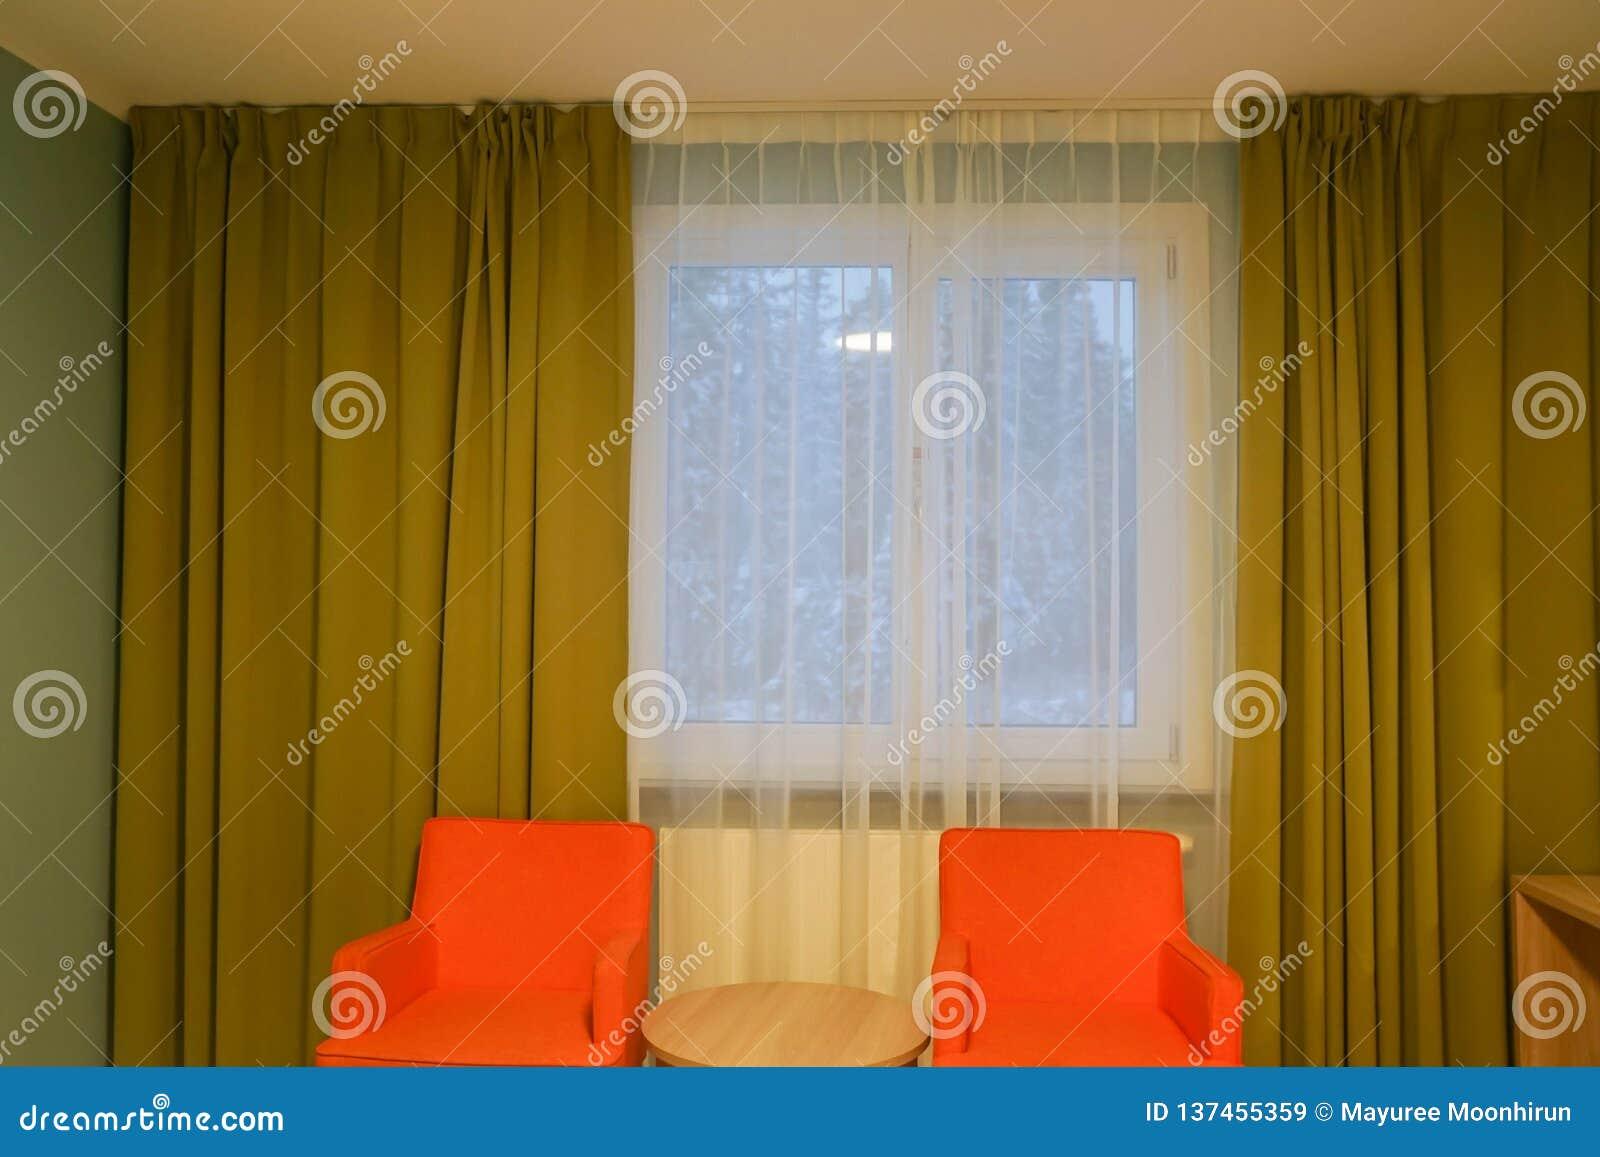 Fauteuil Orange D Intérieurs De Chambre à Coucher D Hôtel Avec Le Rideau  Vert Et Transparent